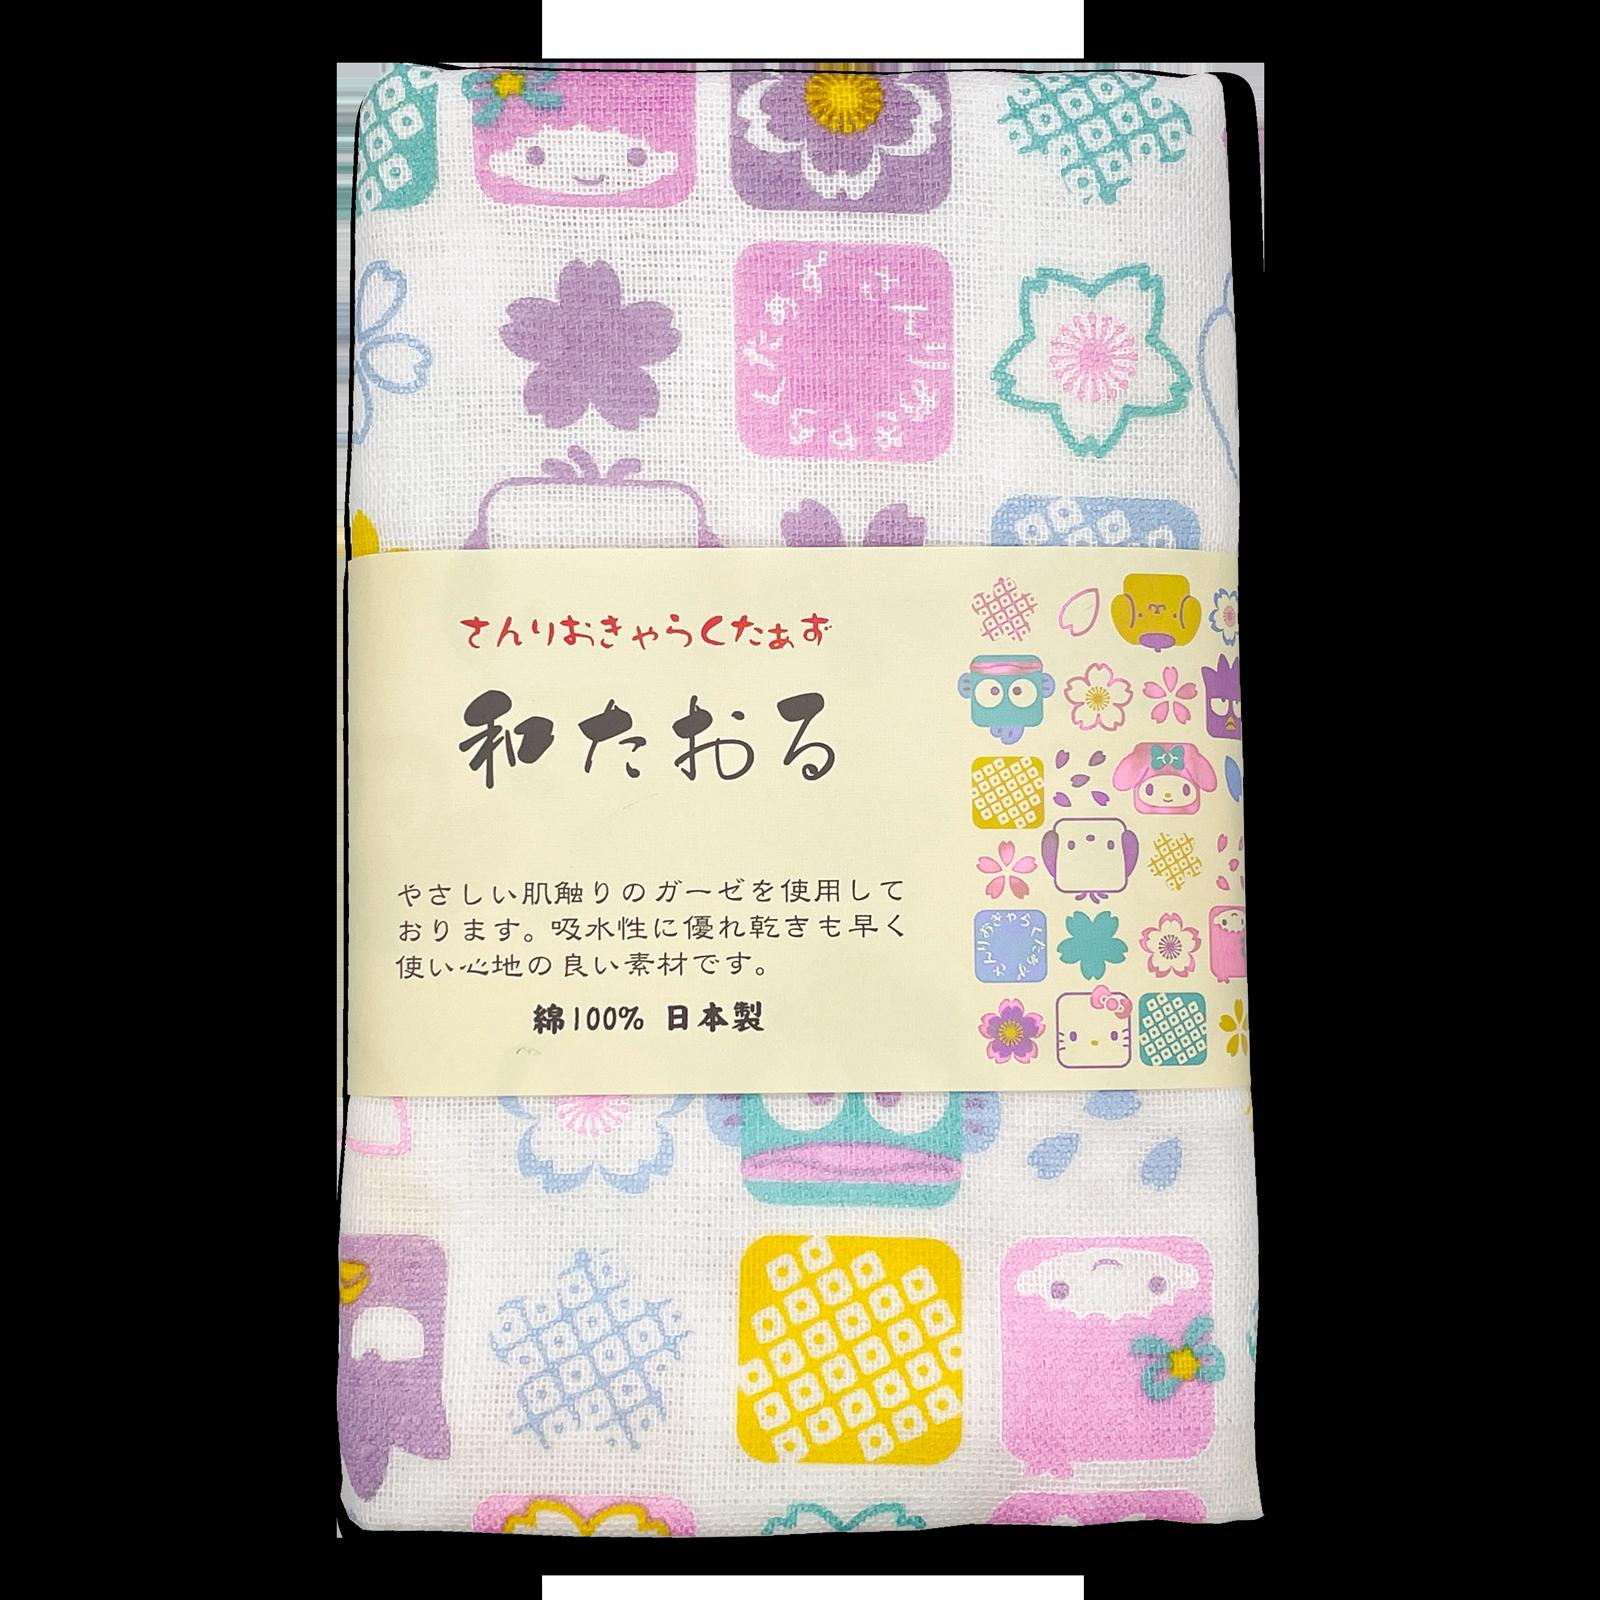 サンリオキャラクターズ 和たおる・桜